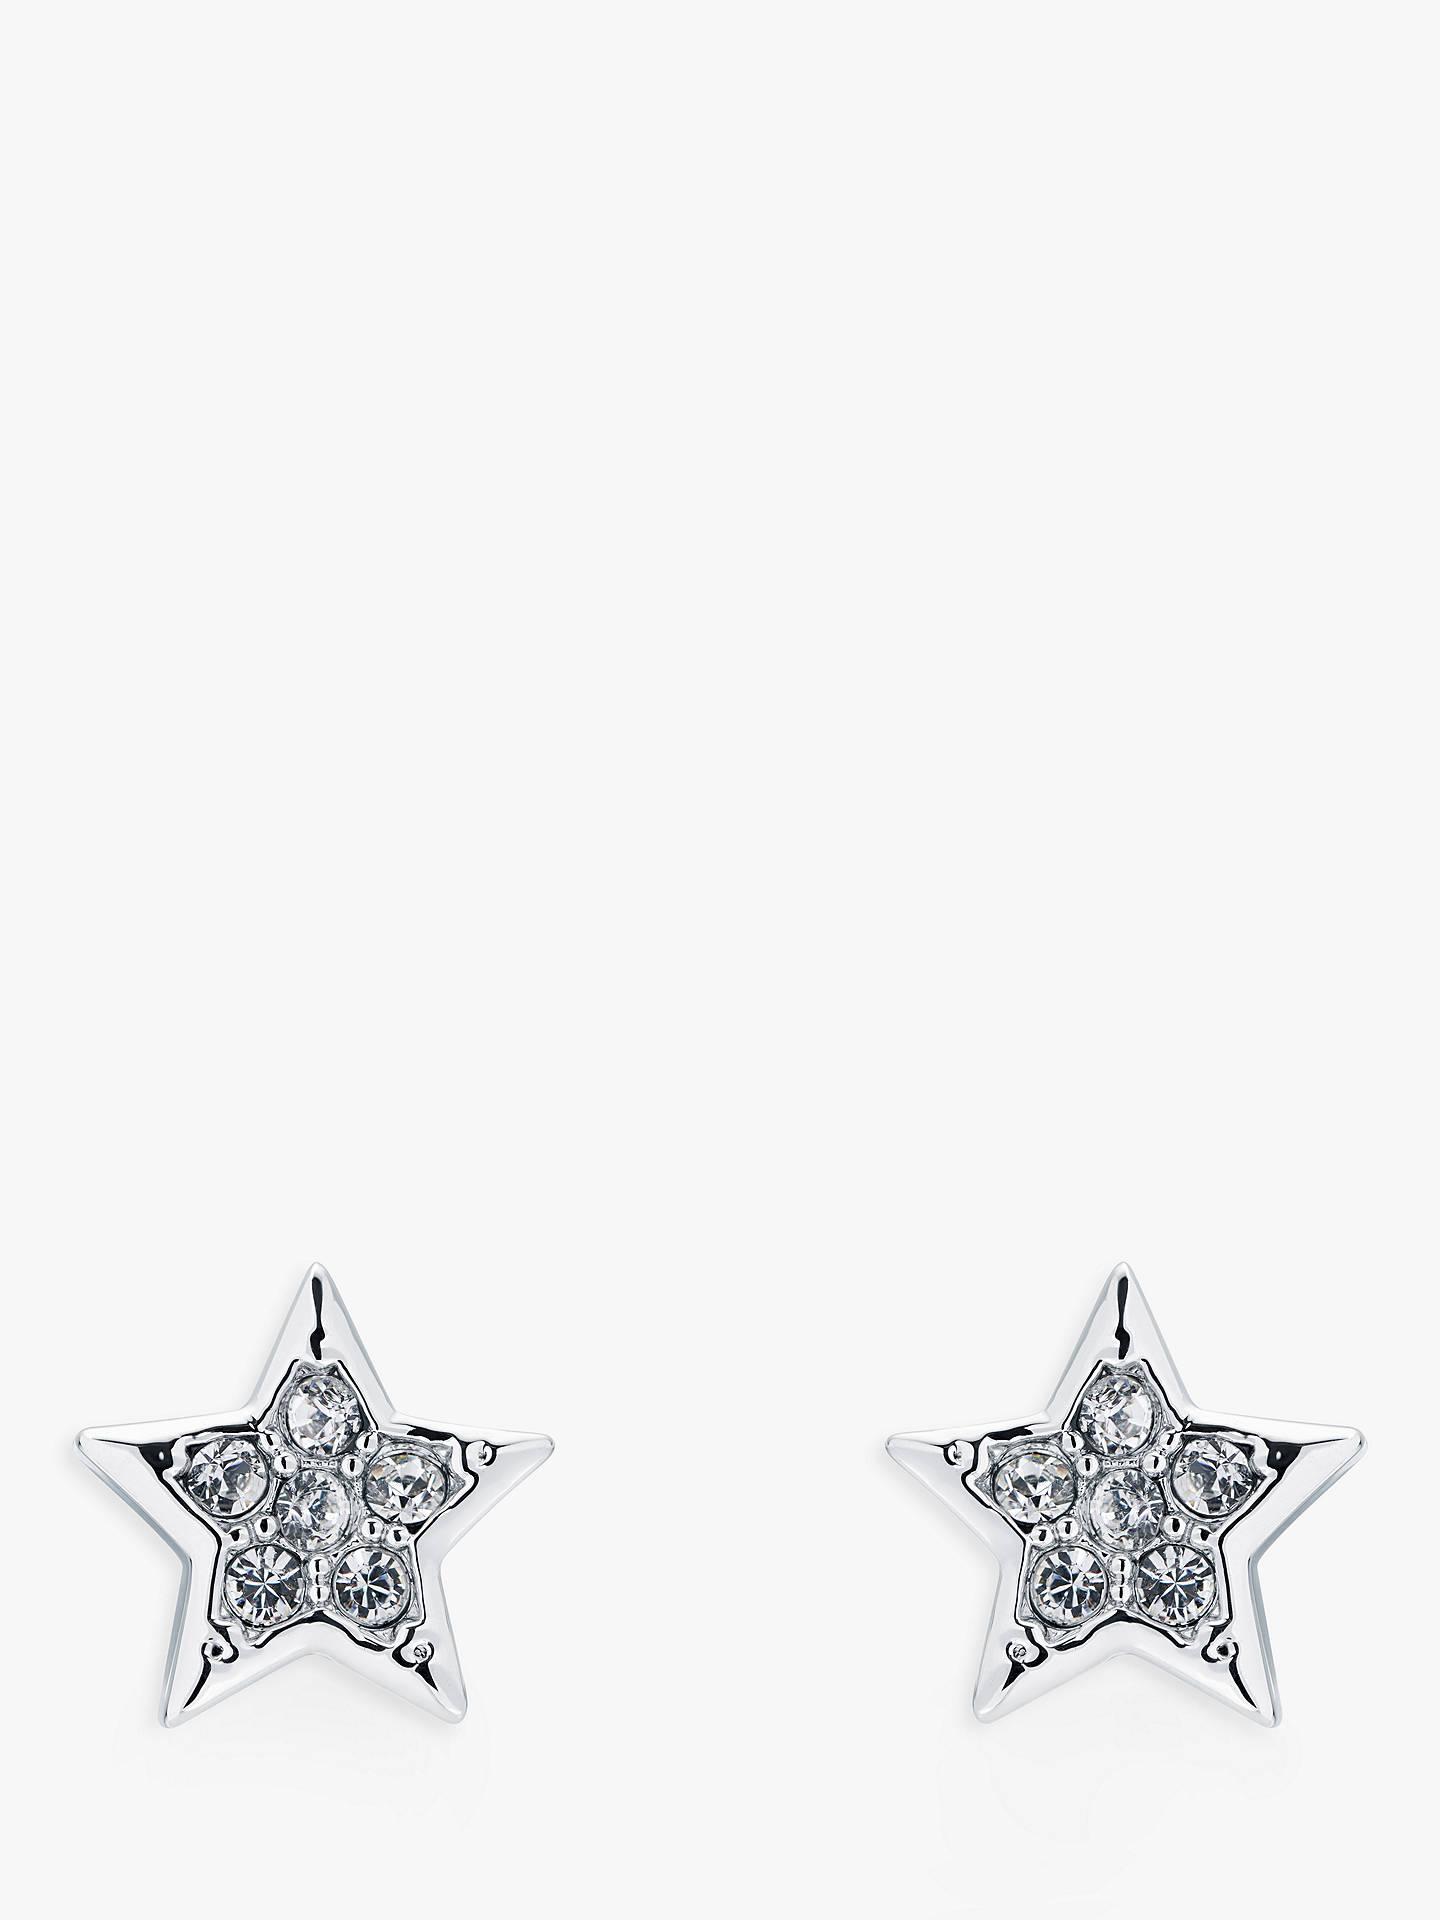 Ted Baker Safire Swarovski Crystal Star Stud Earrings at John Lewis ... 069fa1d7e7